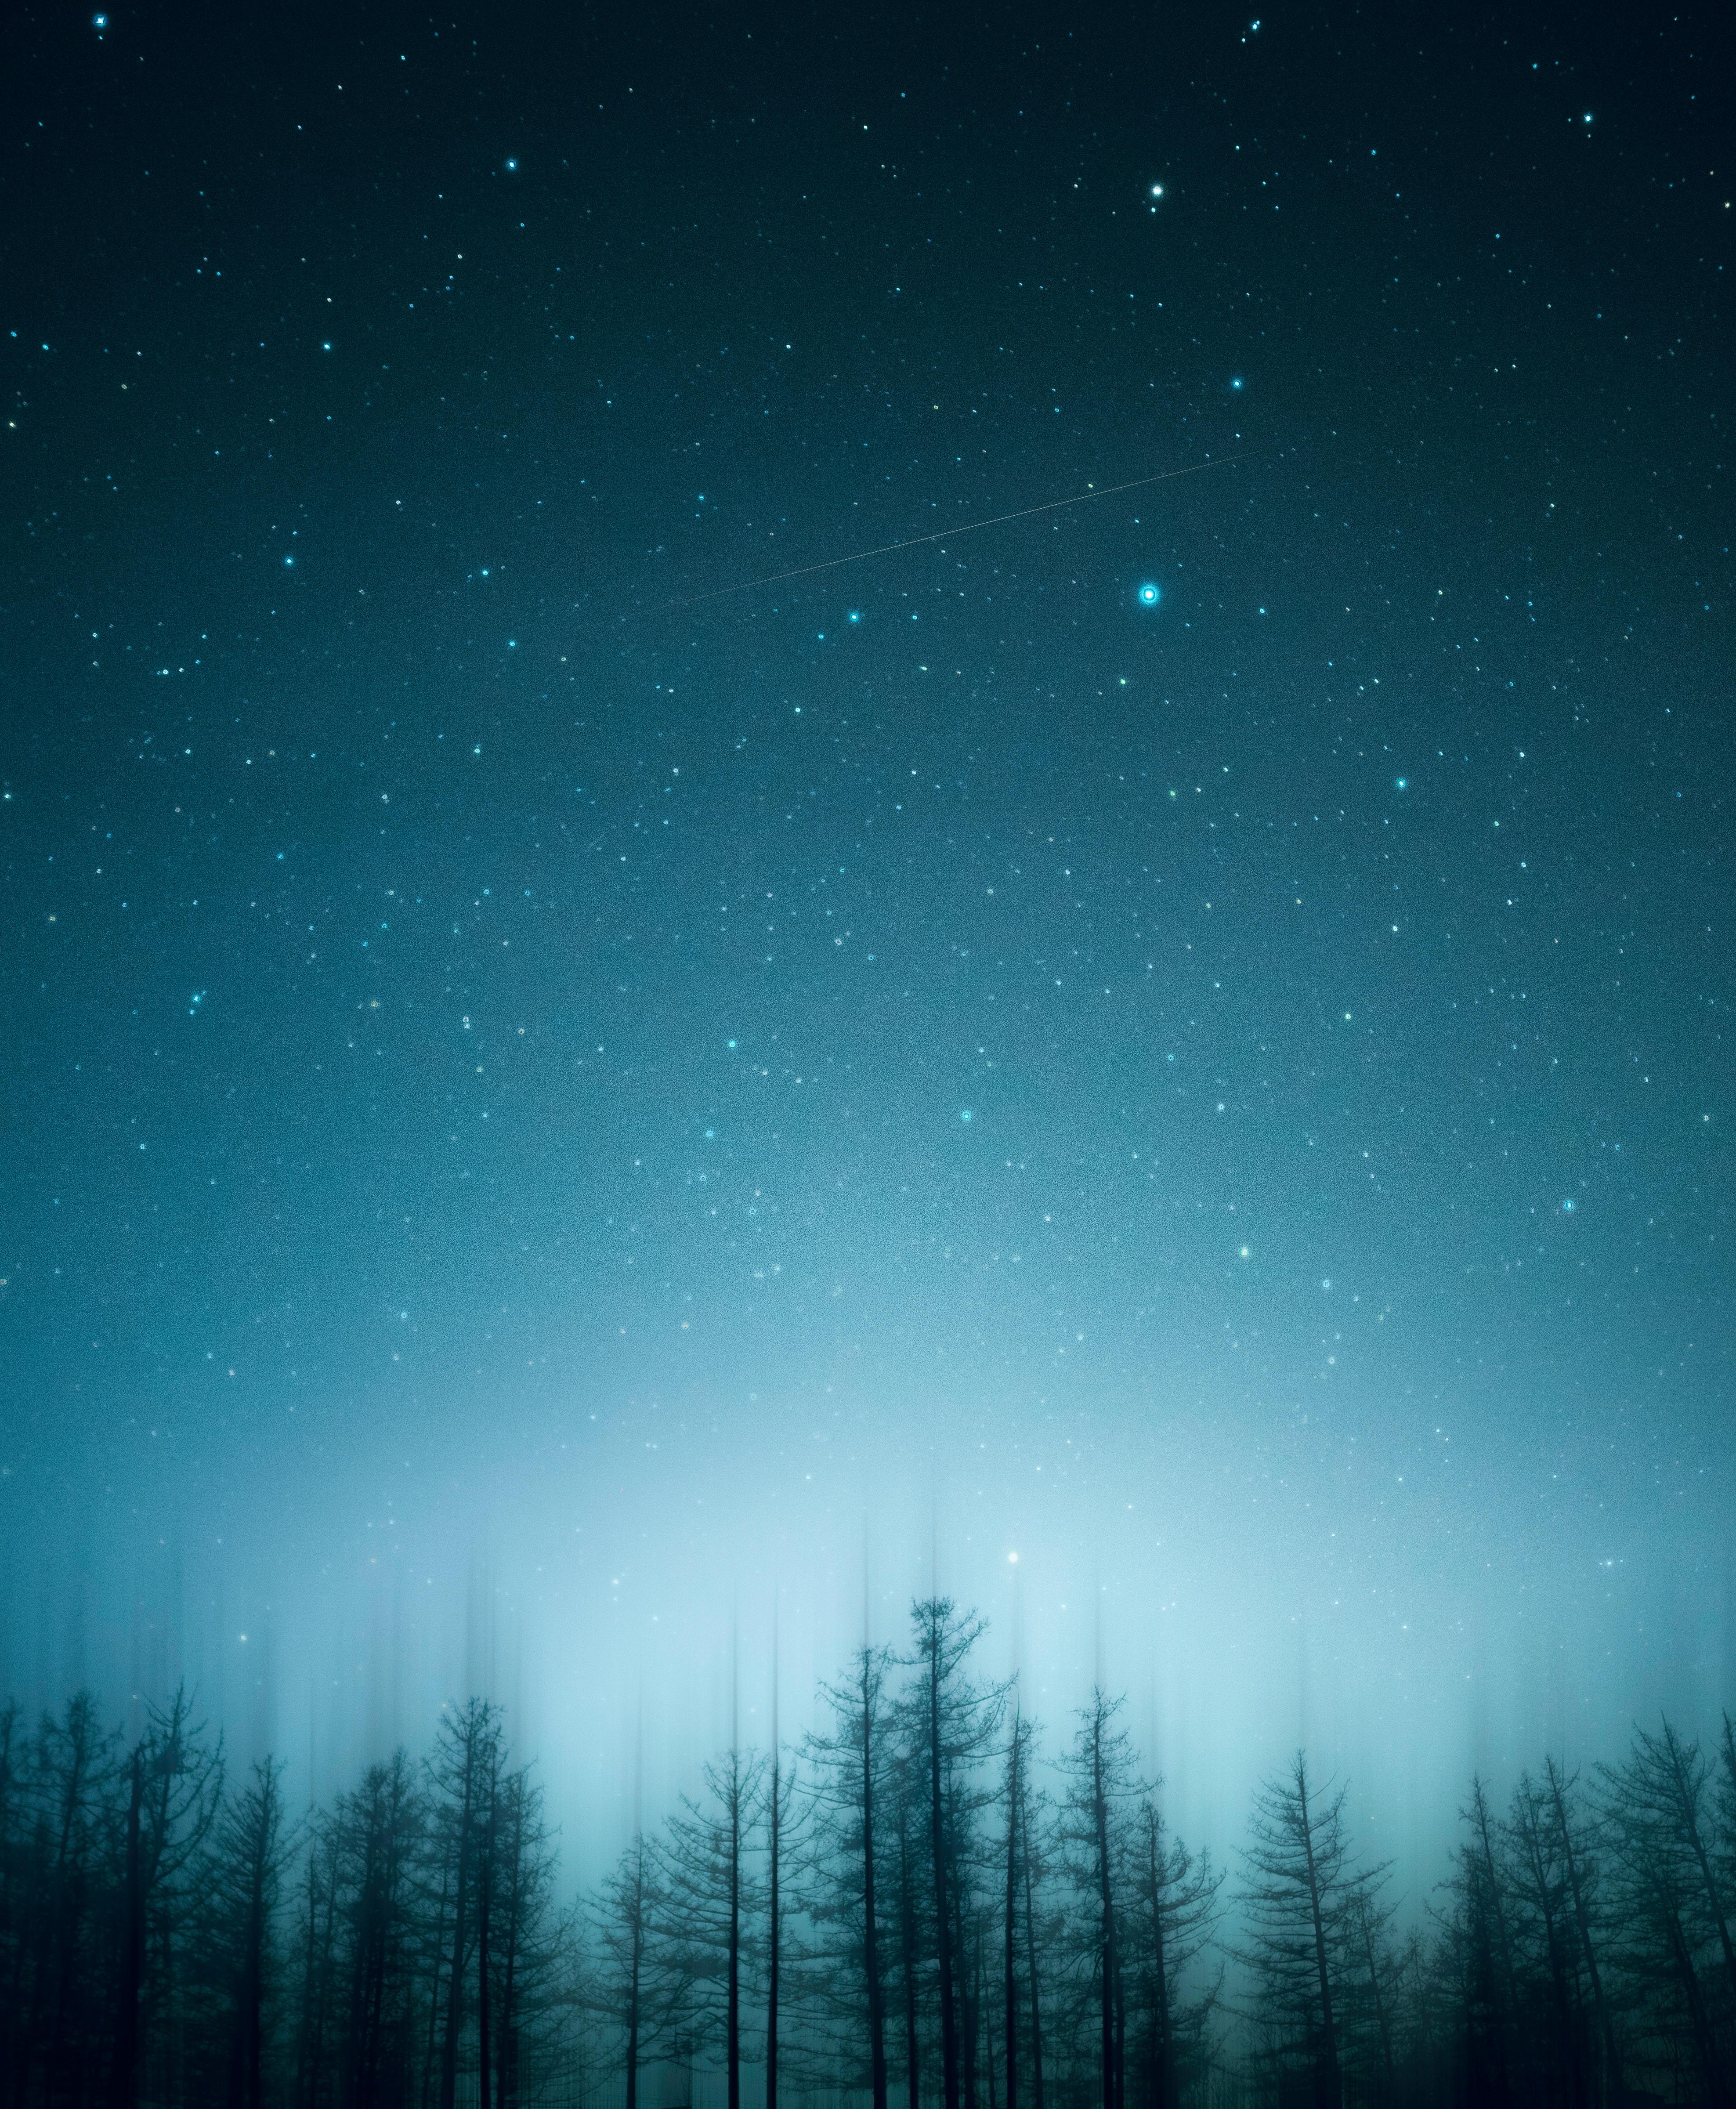 免費壁紙118725:性质, 树, 星空, 夜, 模糊, 无水, 松 下載手機圖片